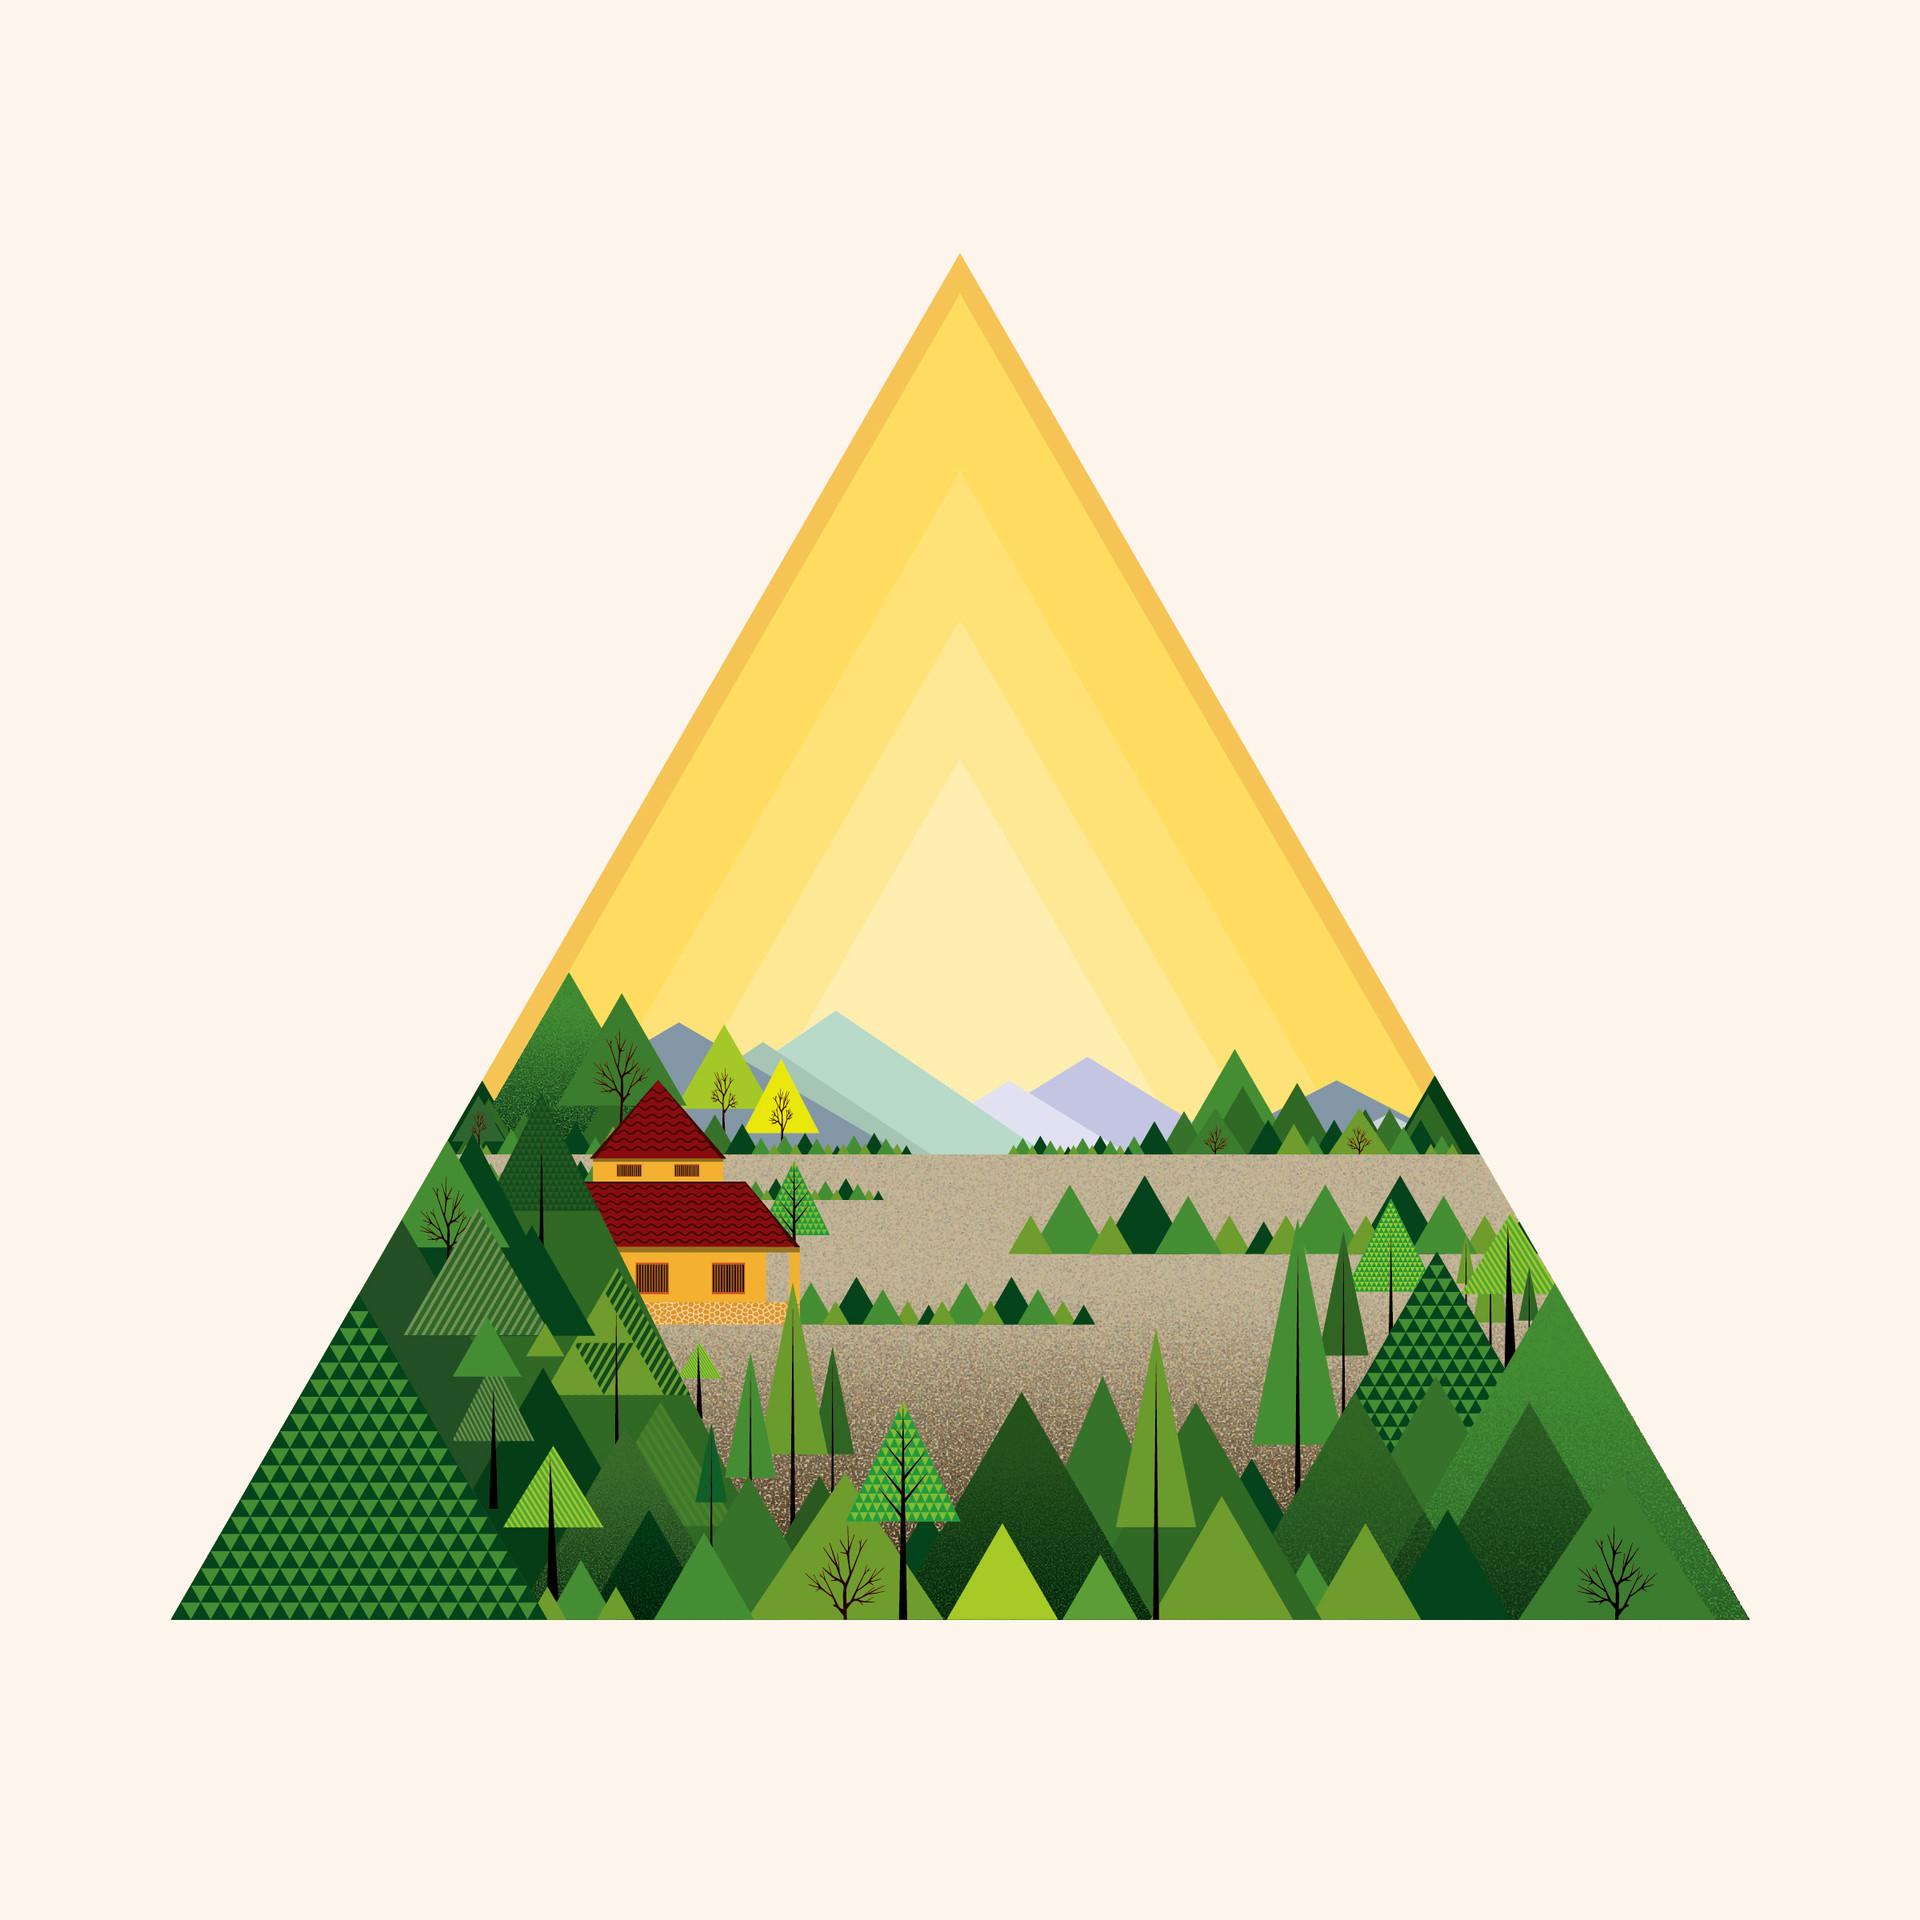 Rajesh r sawant komkan 10 triangle 01